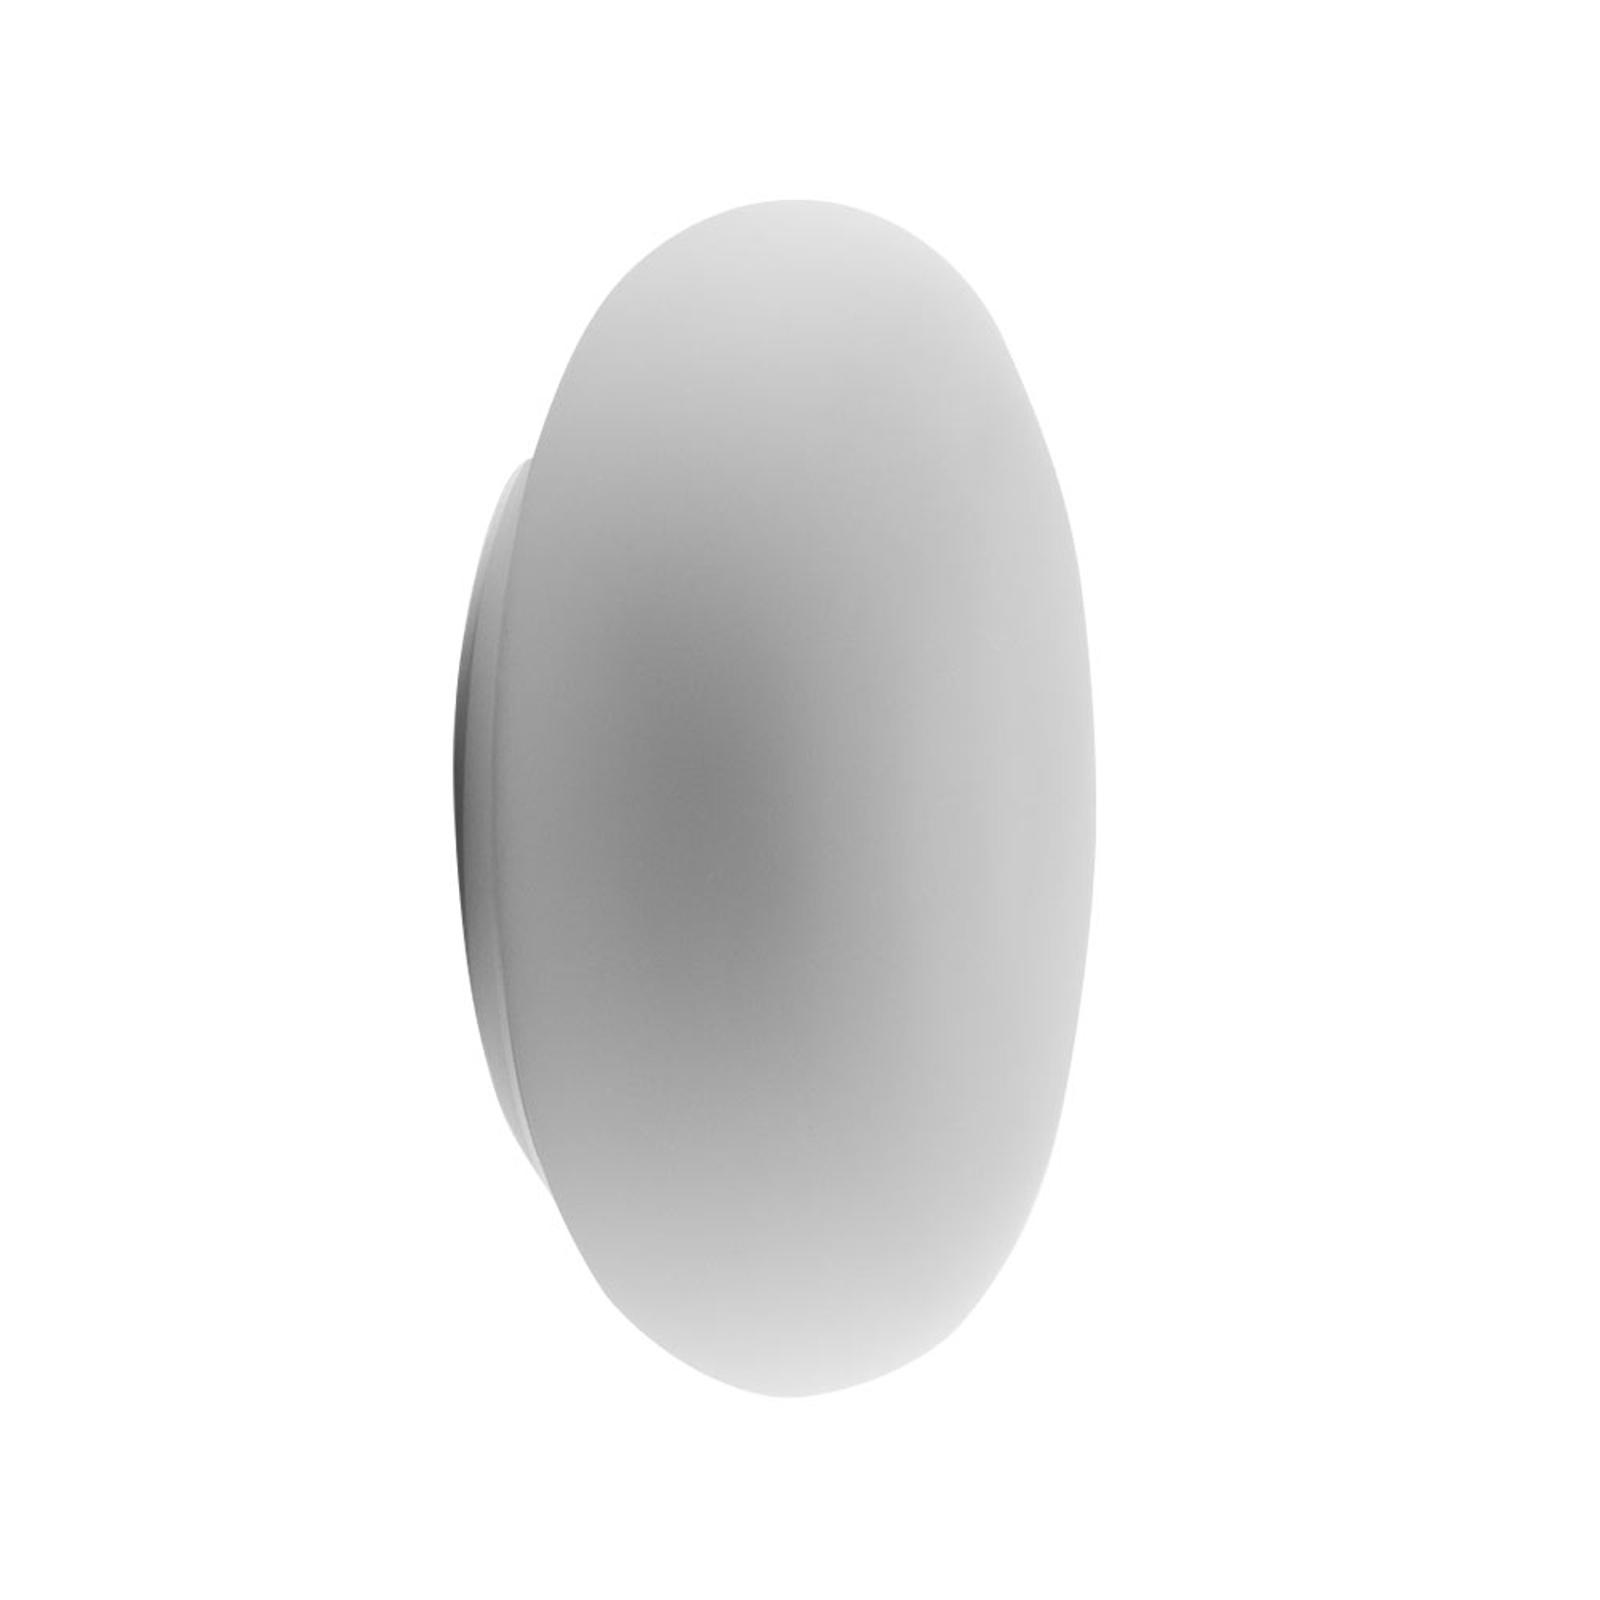 Artemide Itka skleněné nástěnné světlo IP65 Ø 20cm